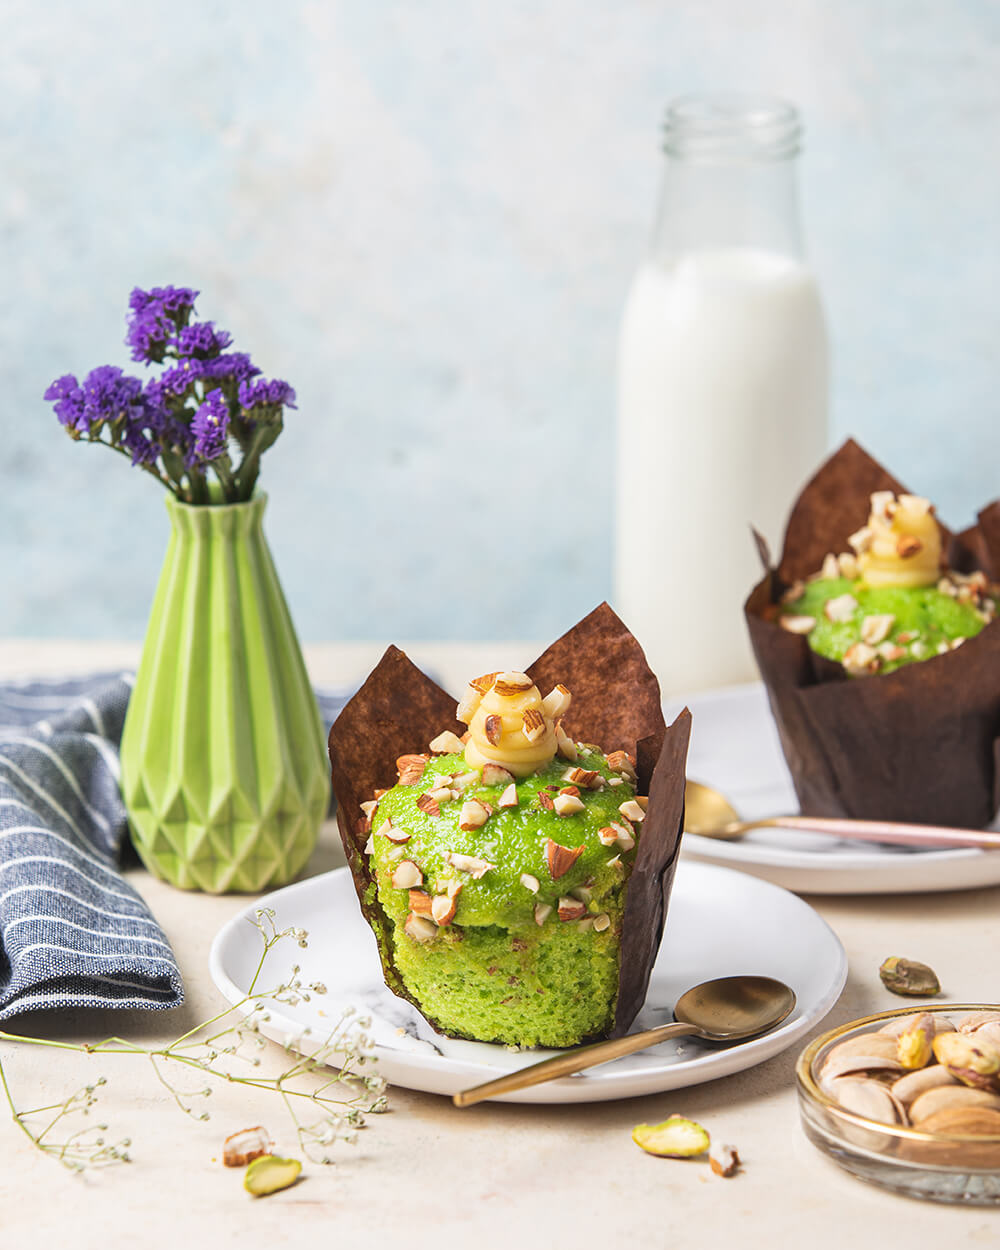 Pistachio Almond Muffin